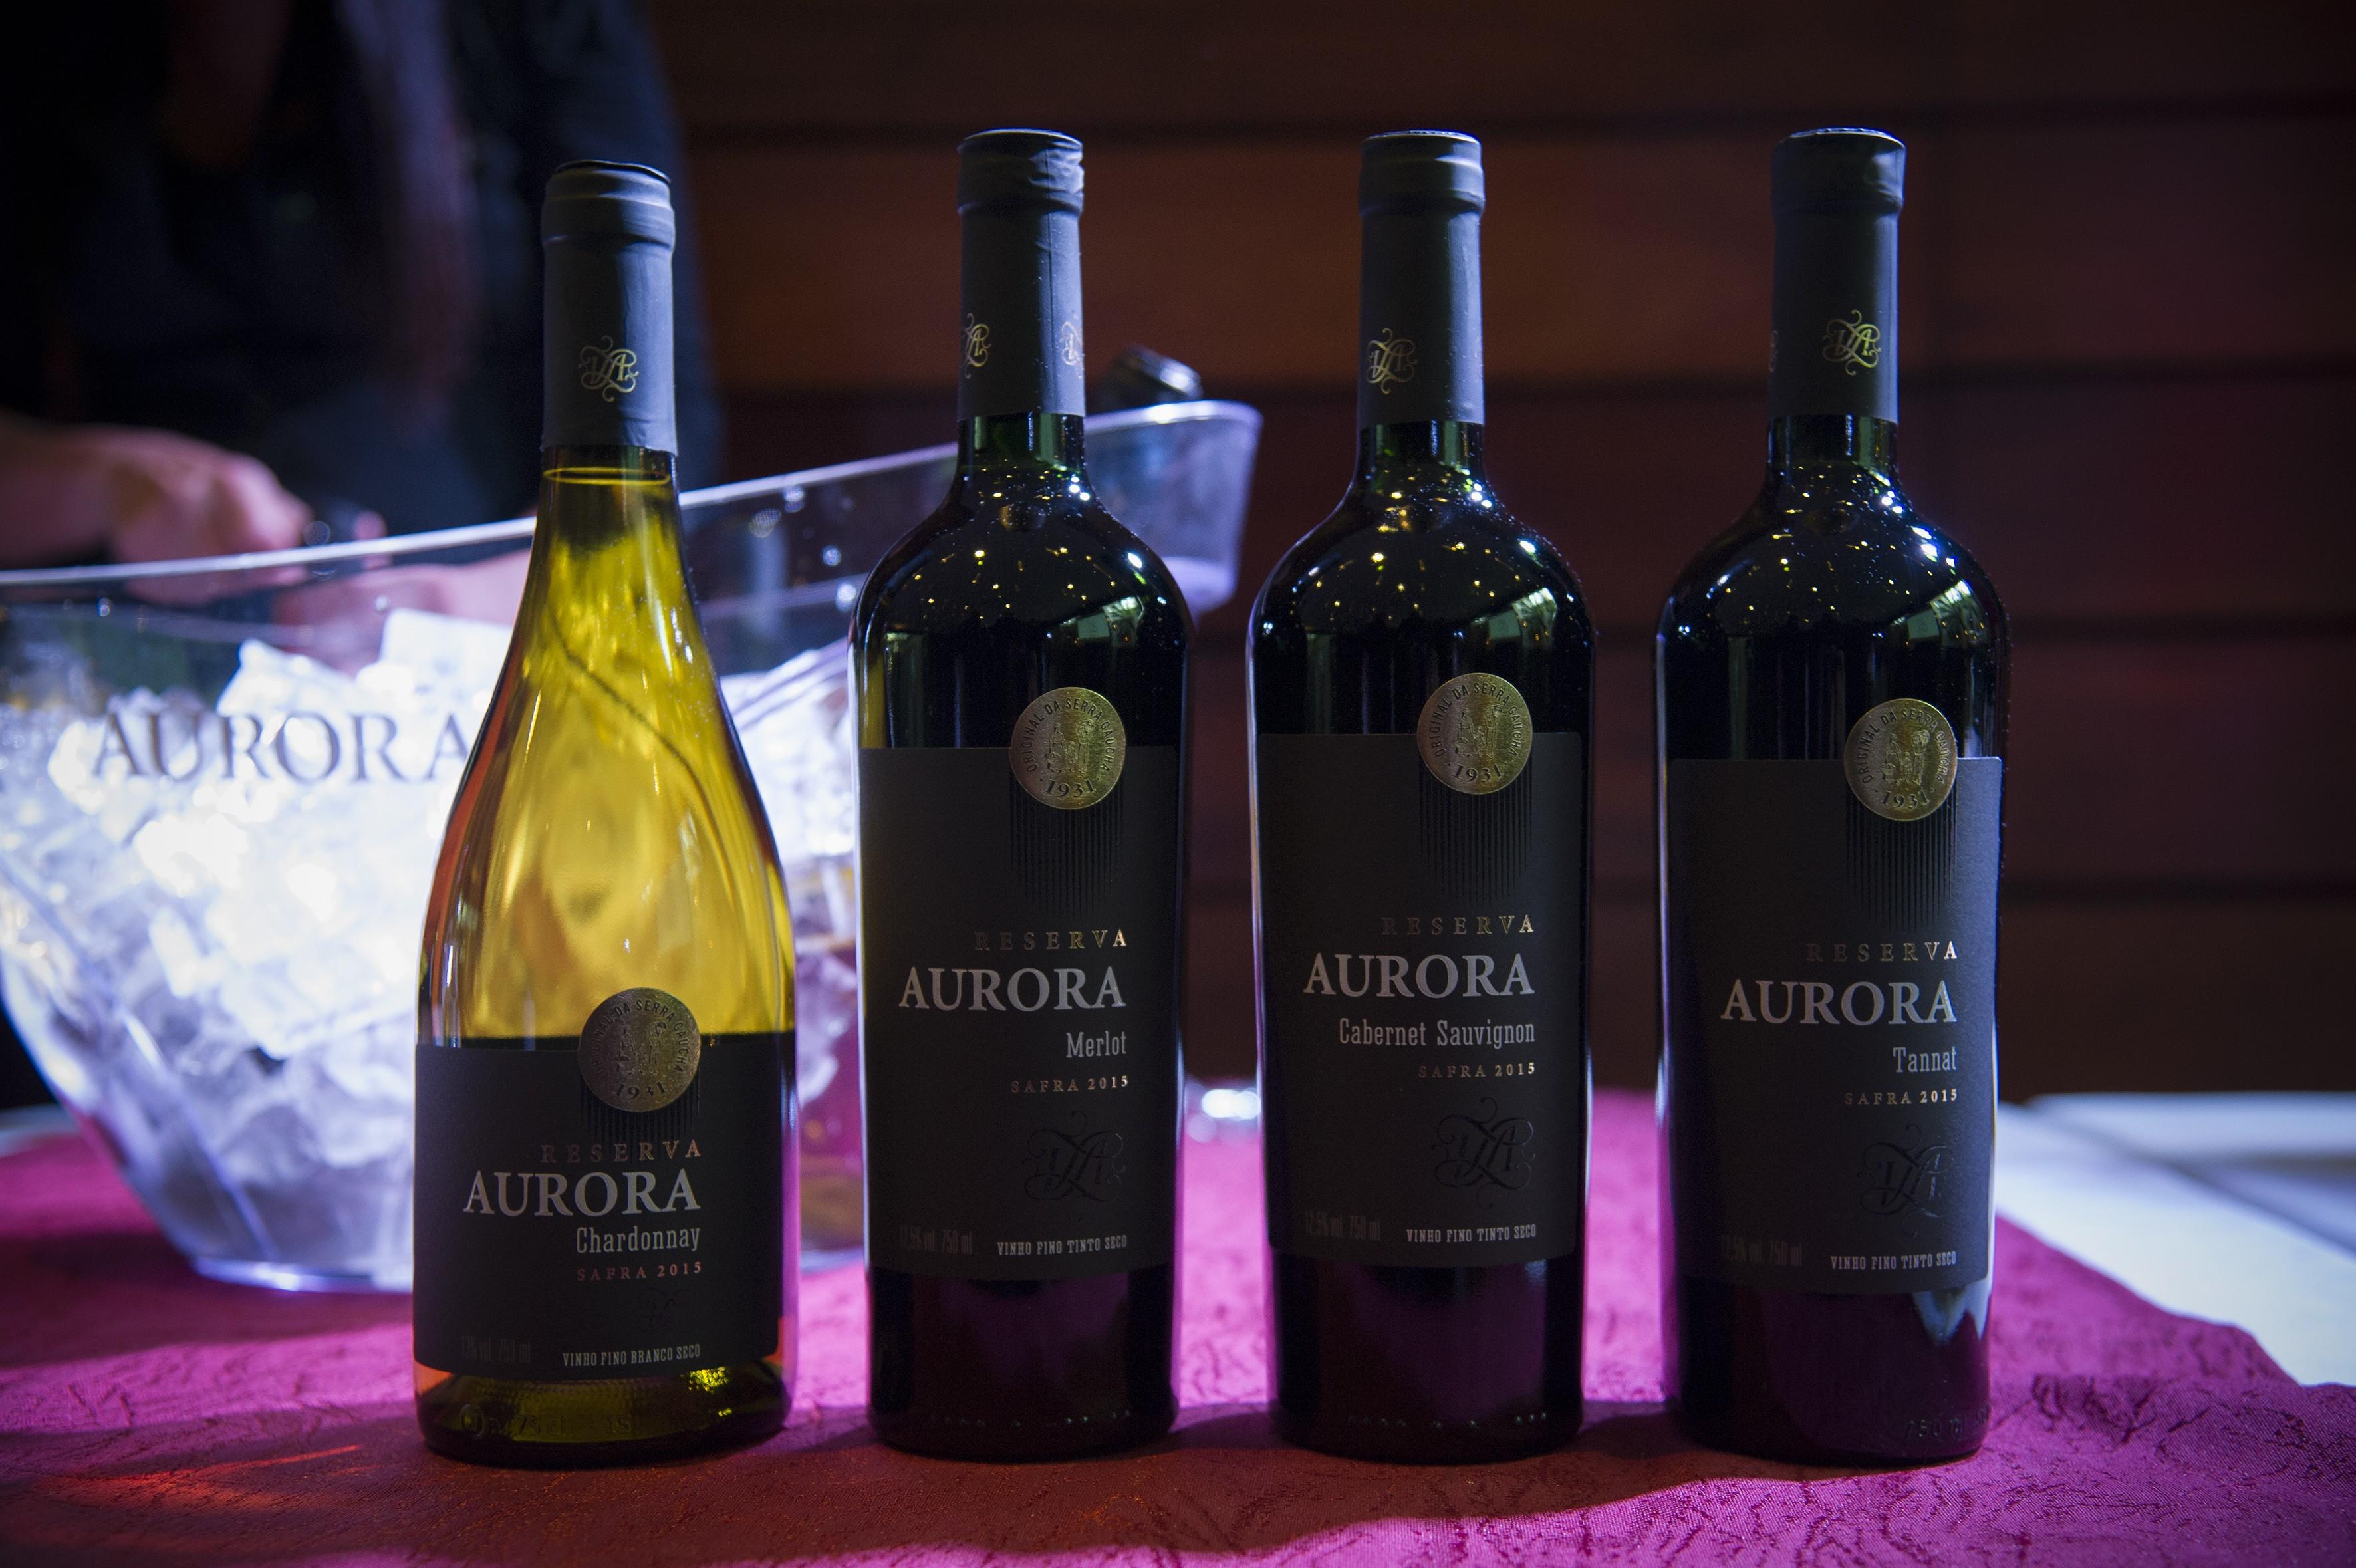 vinicola aurora CREDITO Norio Ito